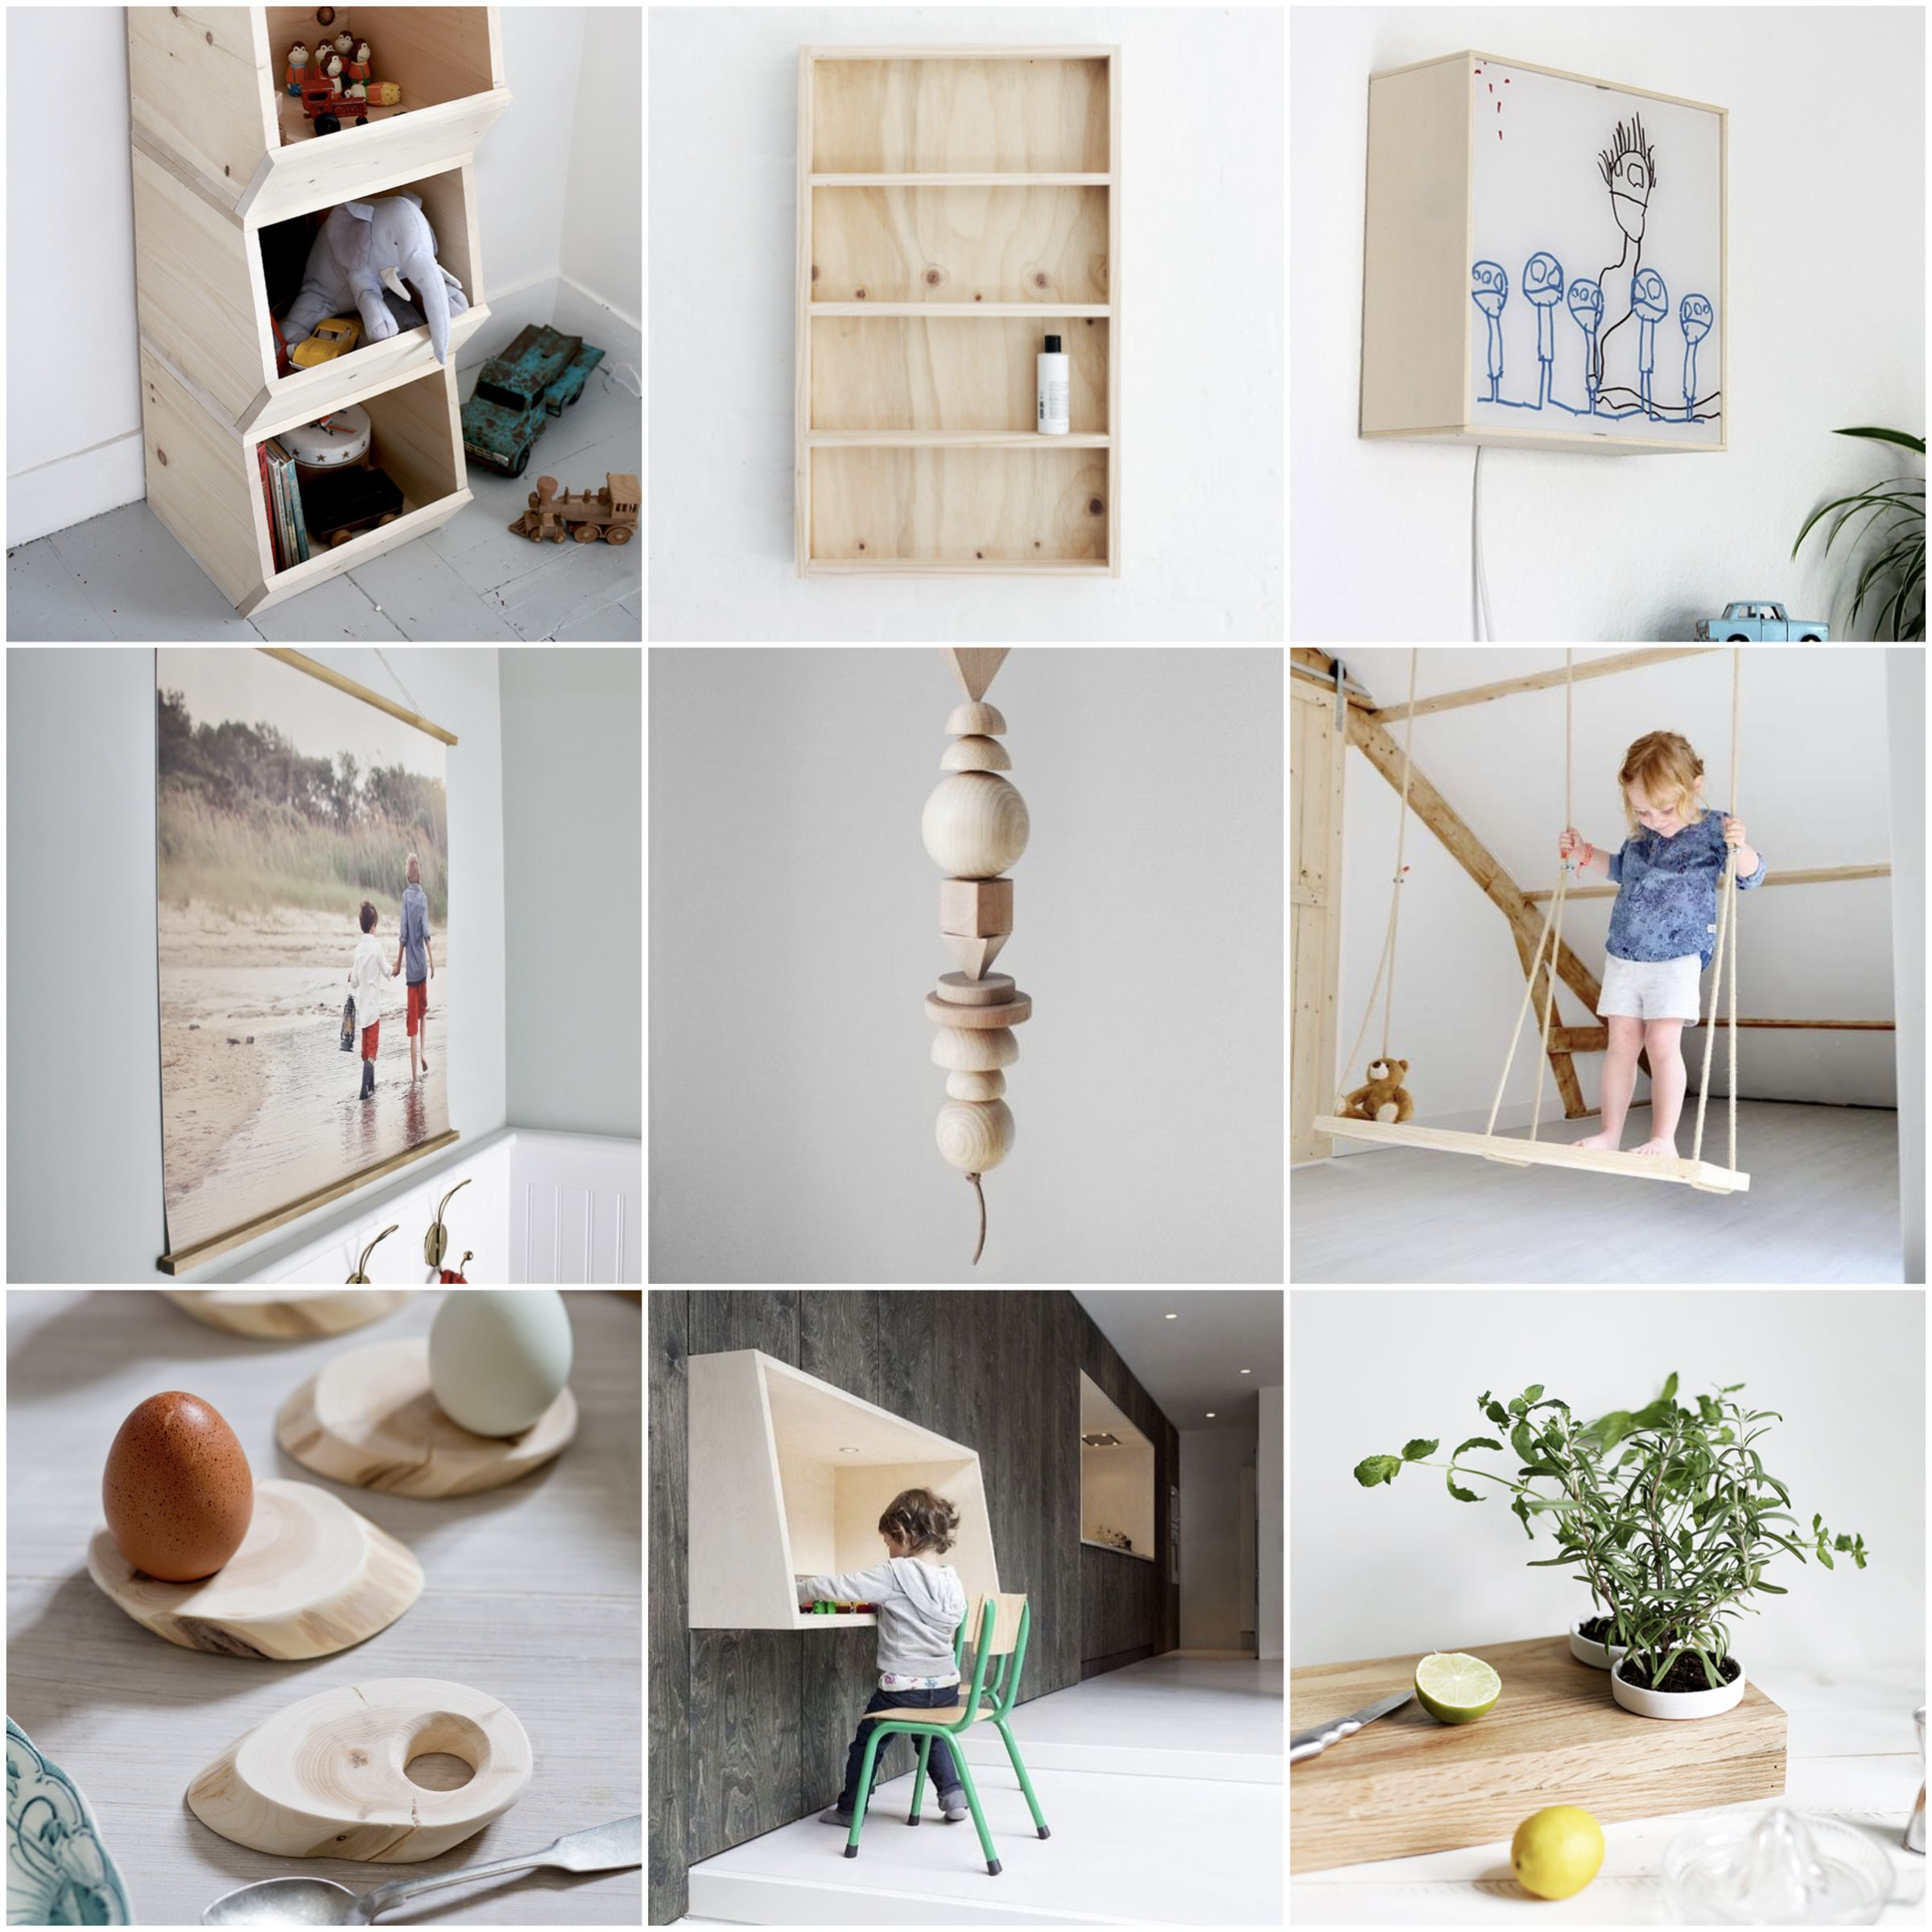 Inspiration // 12 Einfach DIY Ideen Aus Holz Fürs Kinderzimmer Und Den Rest  Der Wohnung. Spielzeugaufbewahrung, Holzschaukel Und Kindertisch Selbst  Machen